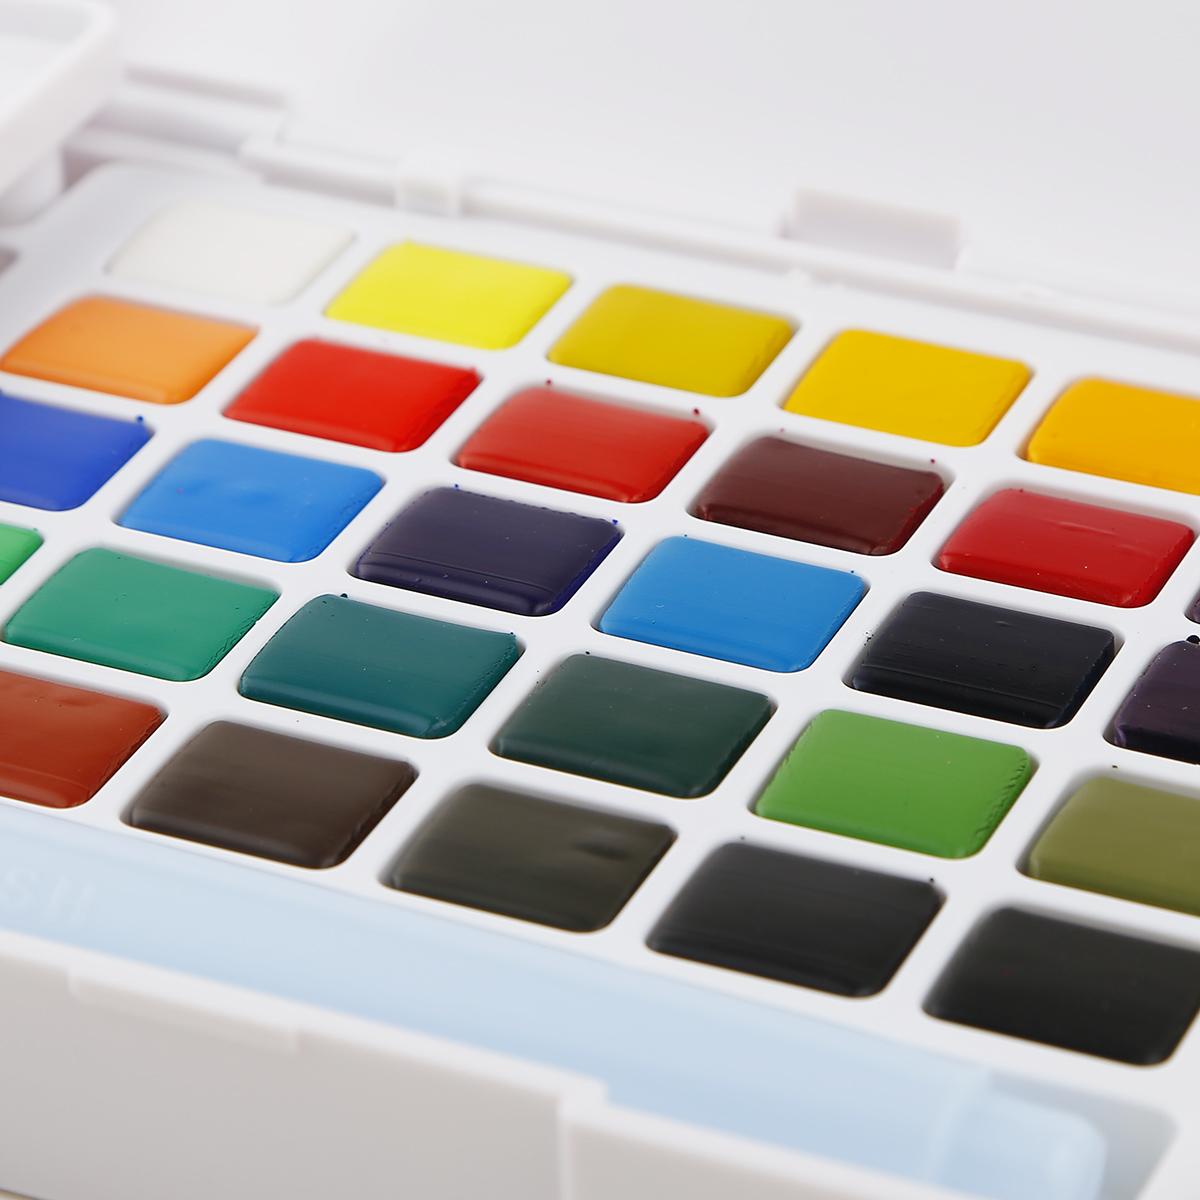 櫻花泰倫斯固體水彩顏料套裝30色寫生透明固體水彩24色48色 順豐